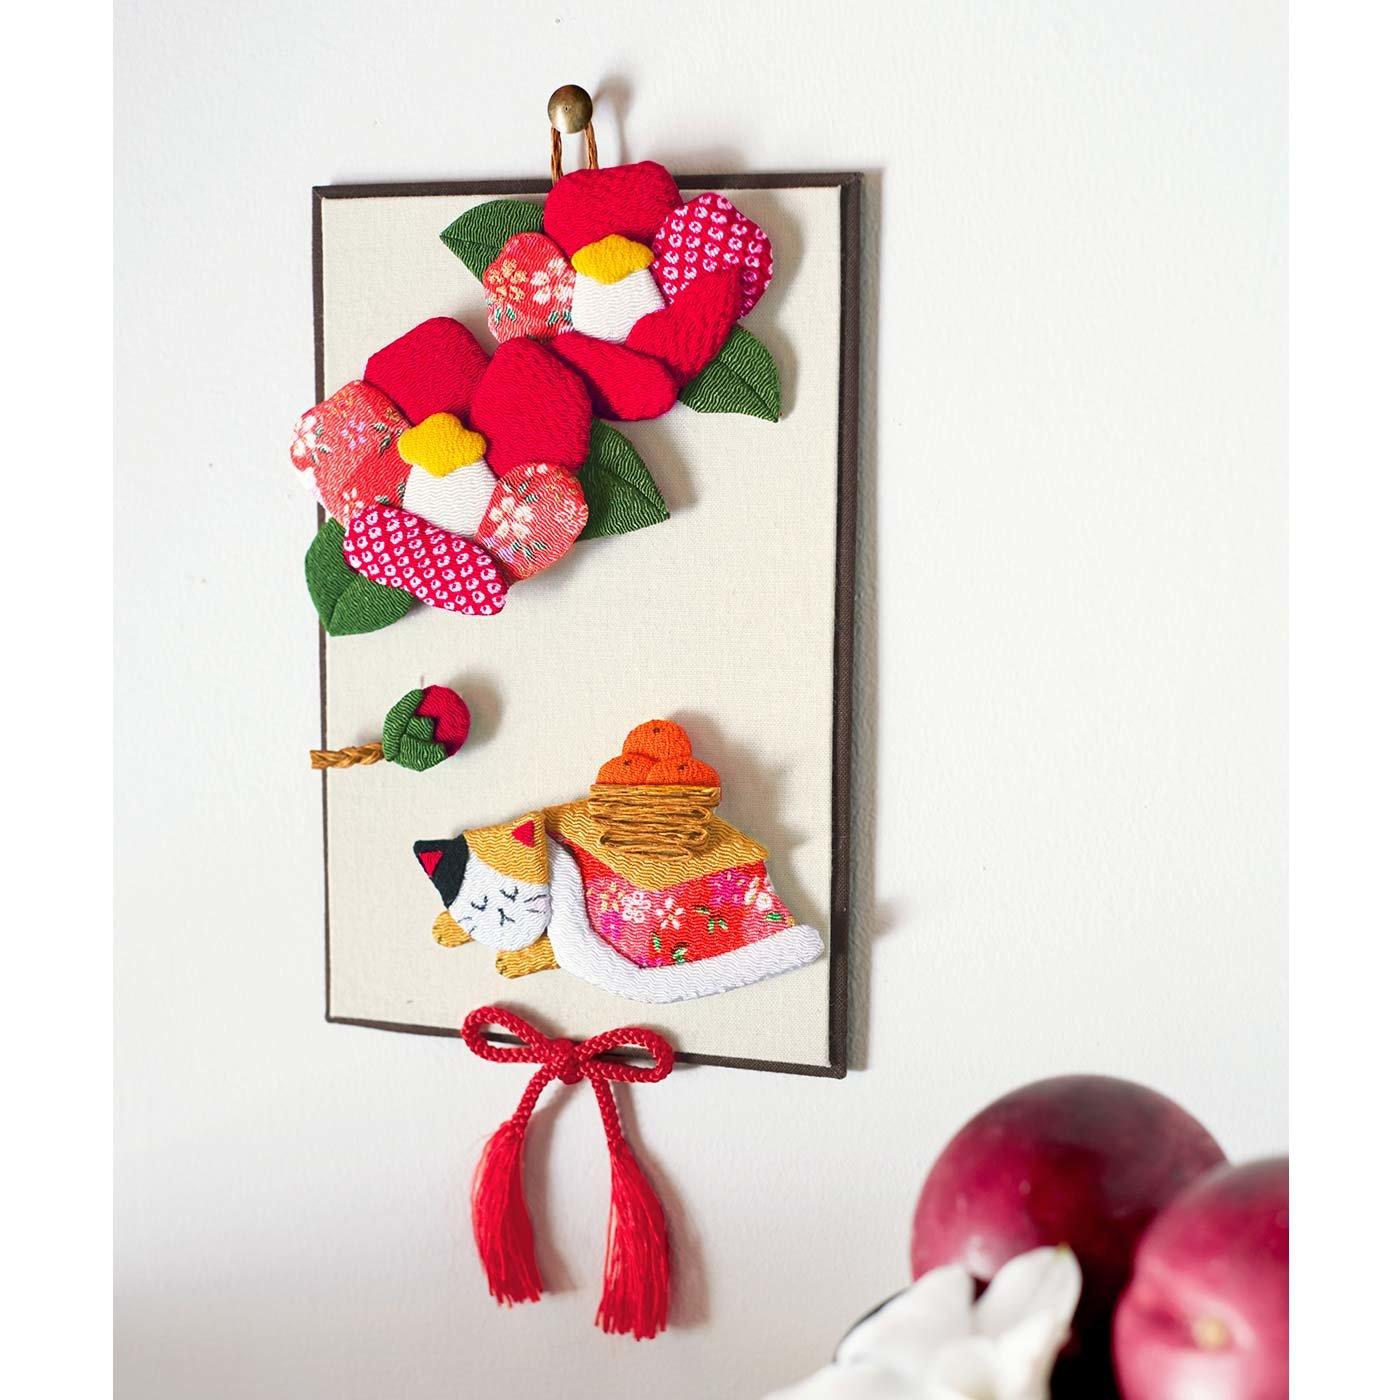 家族と一緒に季節のうつろいを楽しむ 押し絵の壁飾りの会